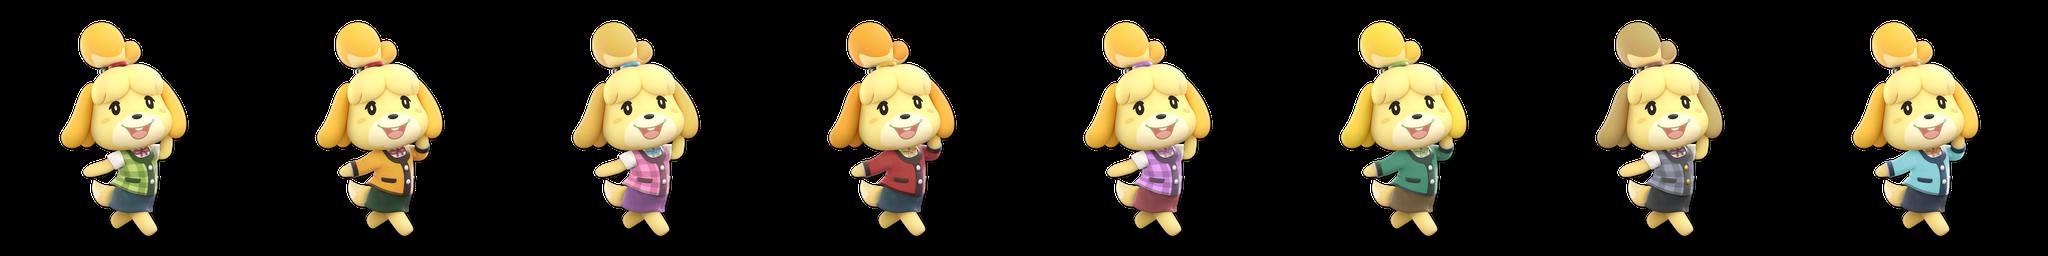 Isabelle (Super Smash Bros. Ultimate)